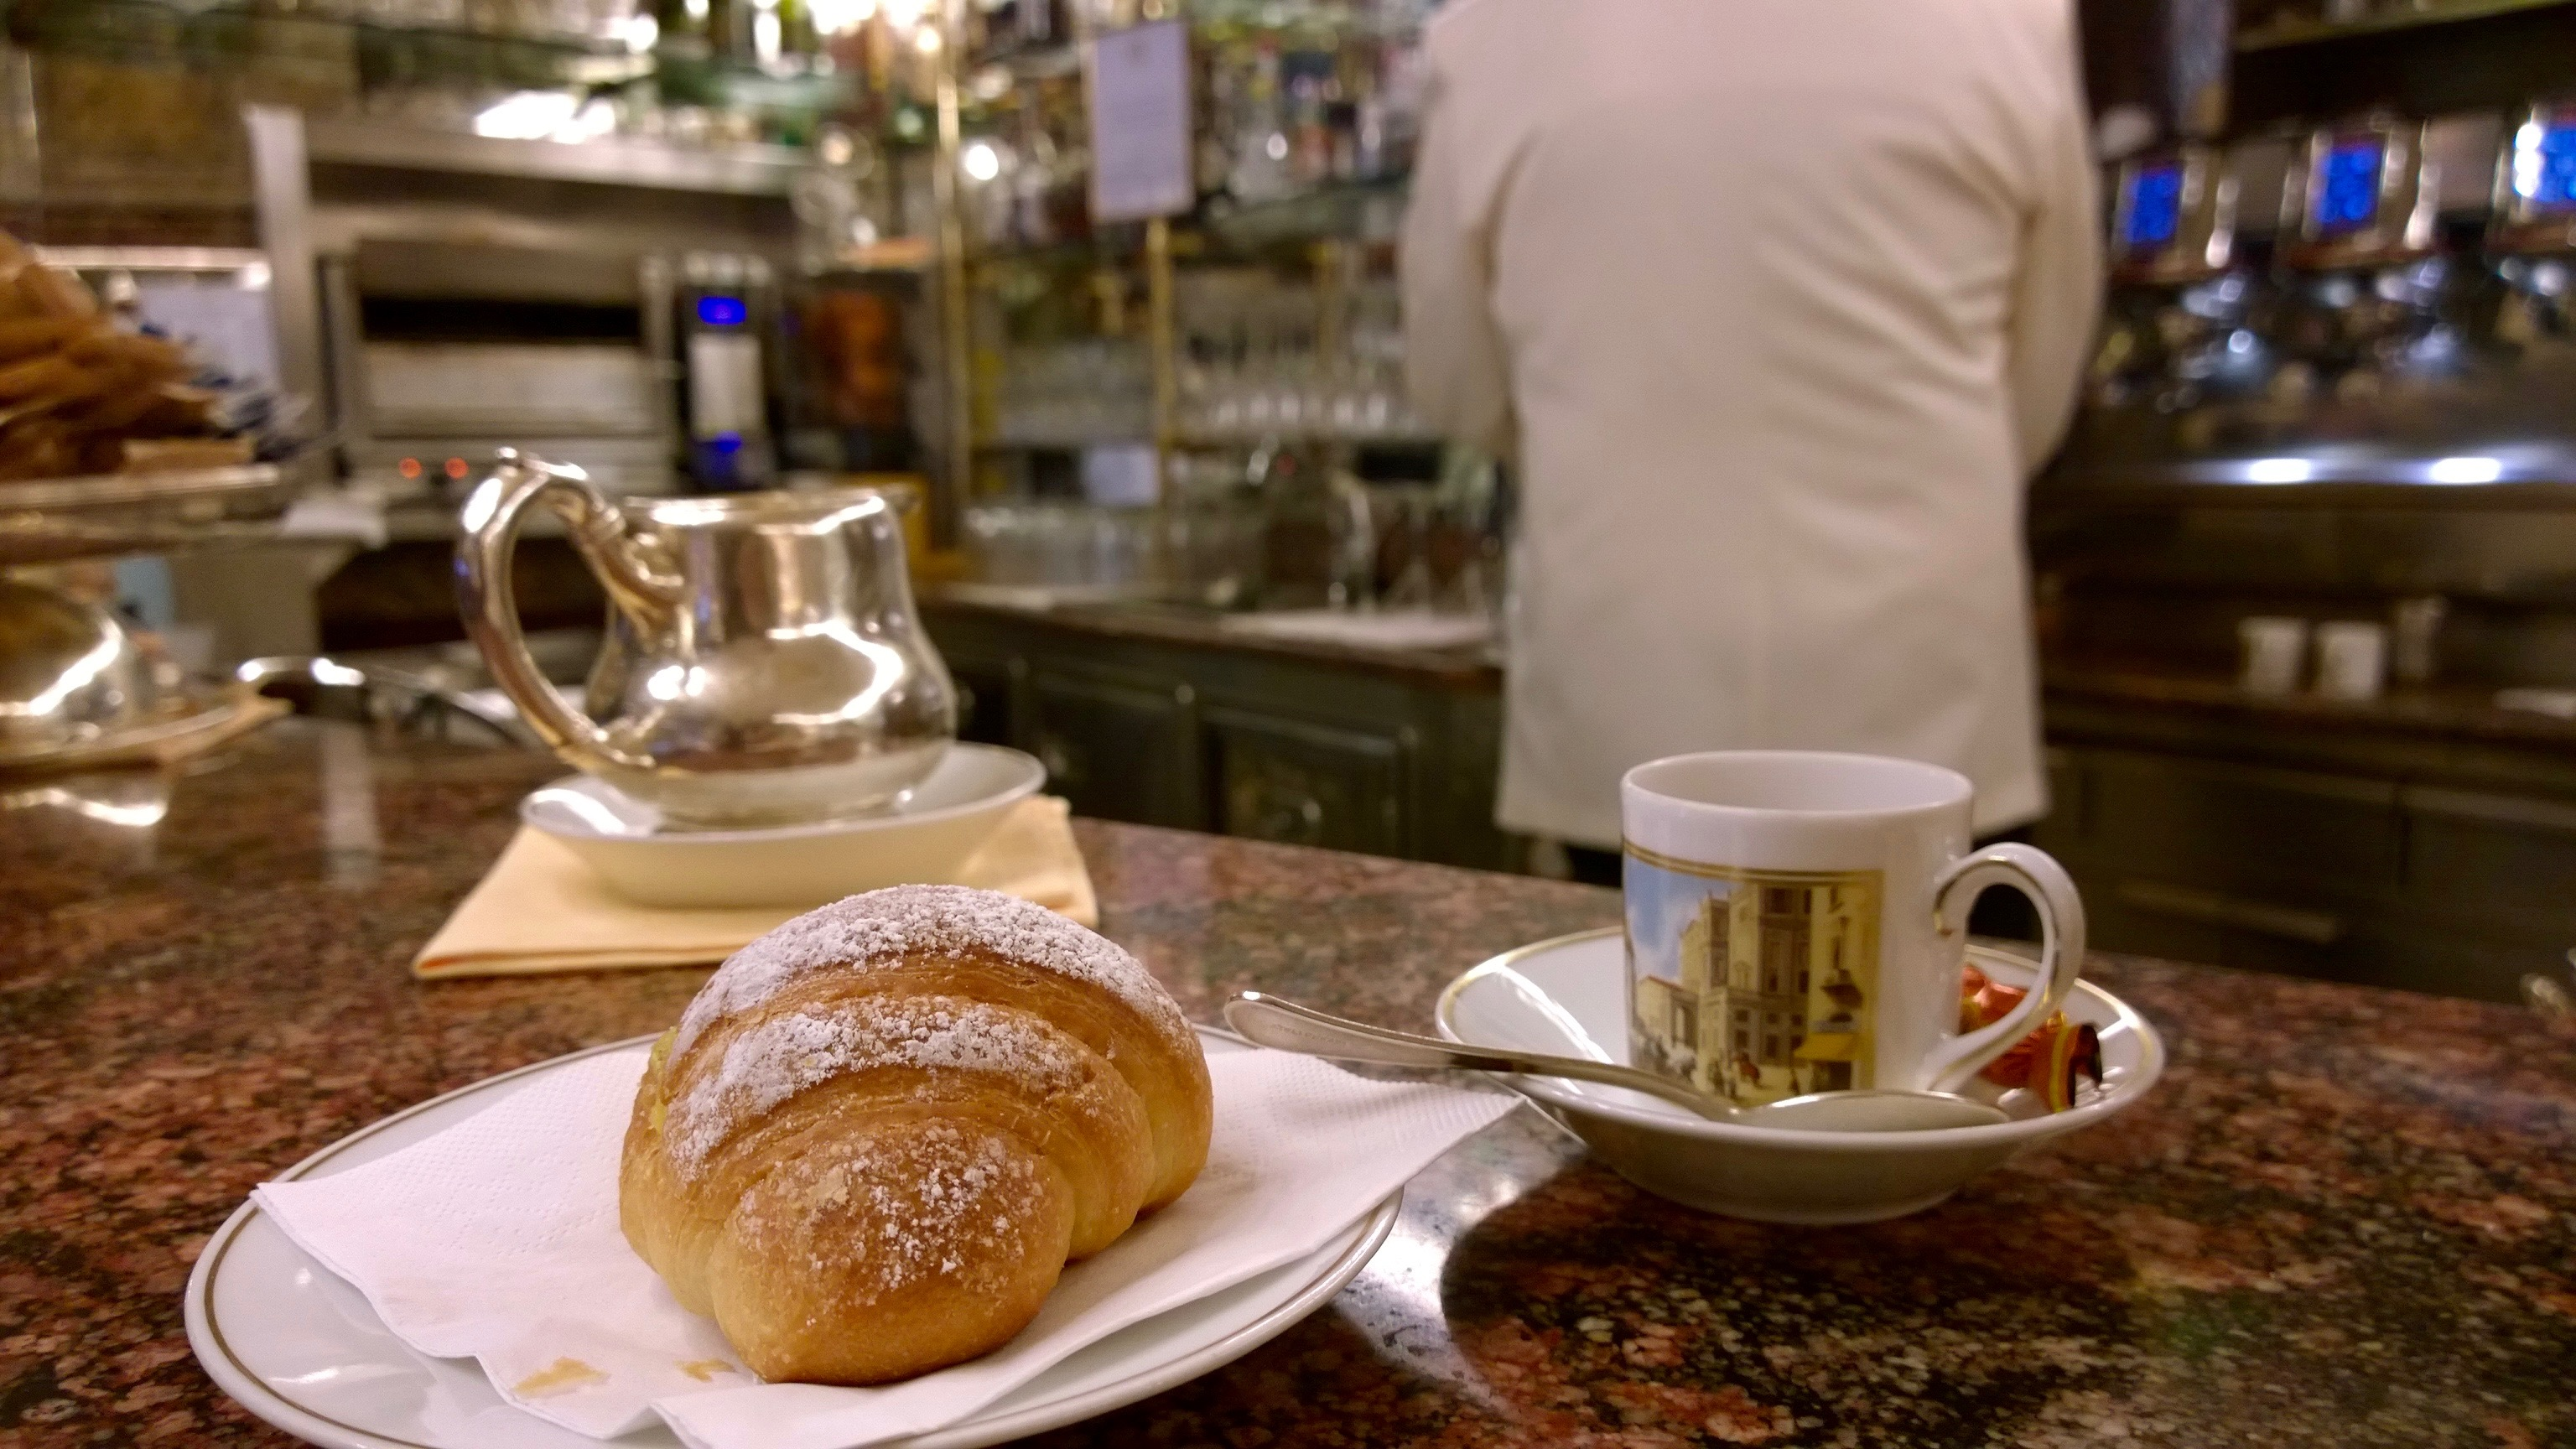 Onde tomar café da manhã em Milão Padarias em Milão Confeitarias em Milão Onde tomar o pequeno almoço em Milão